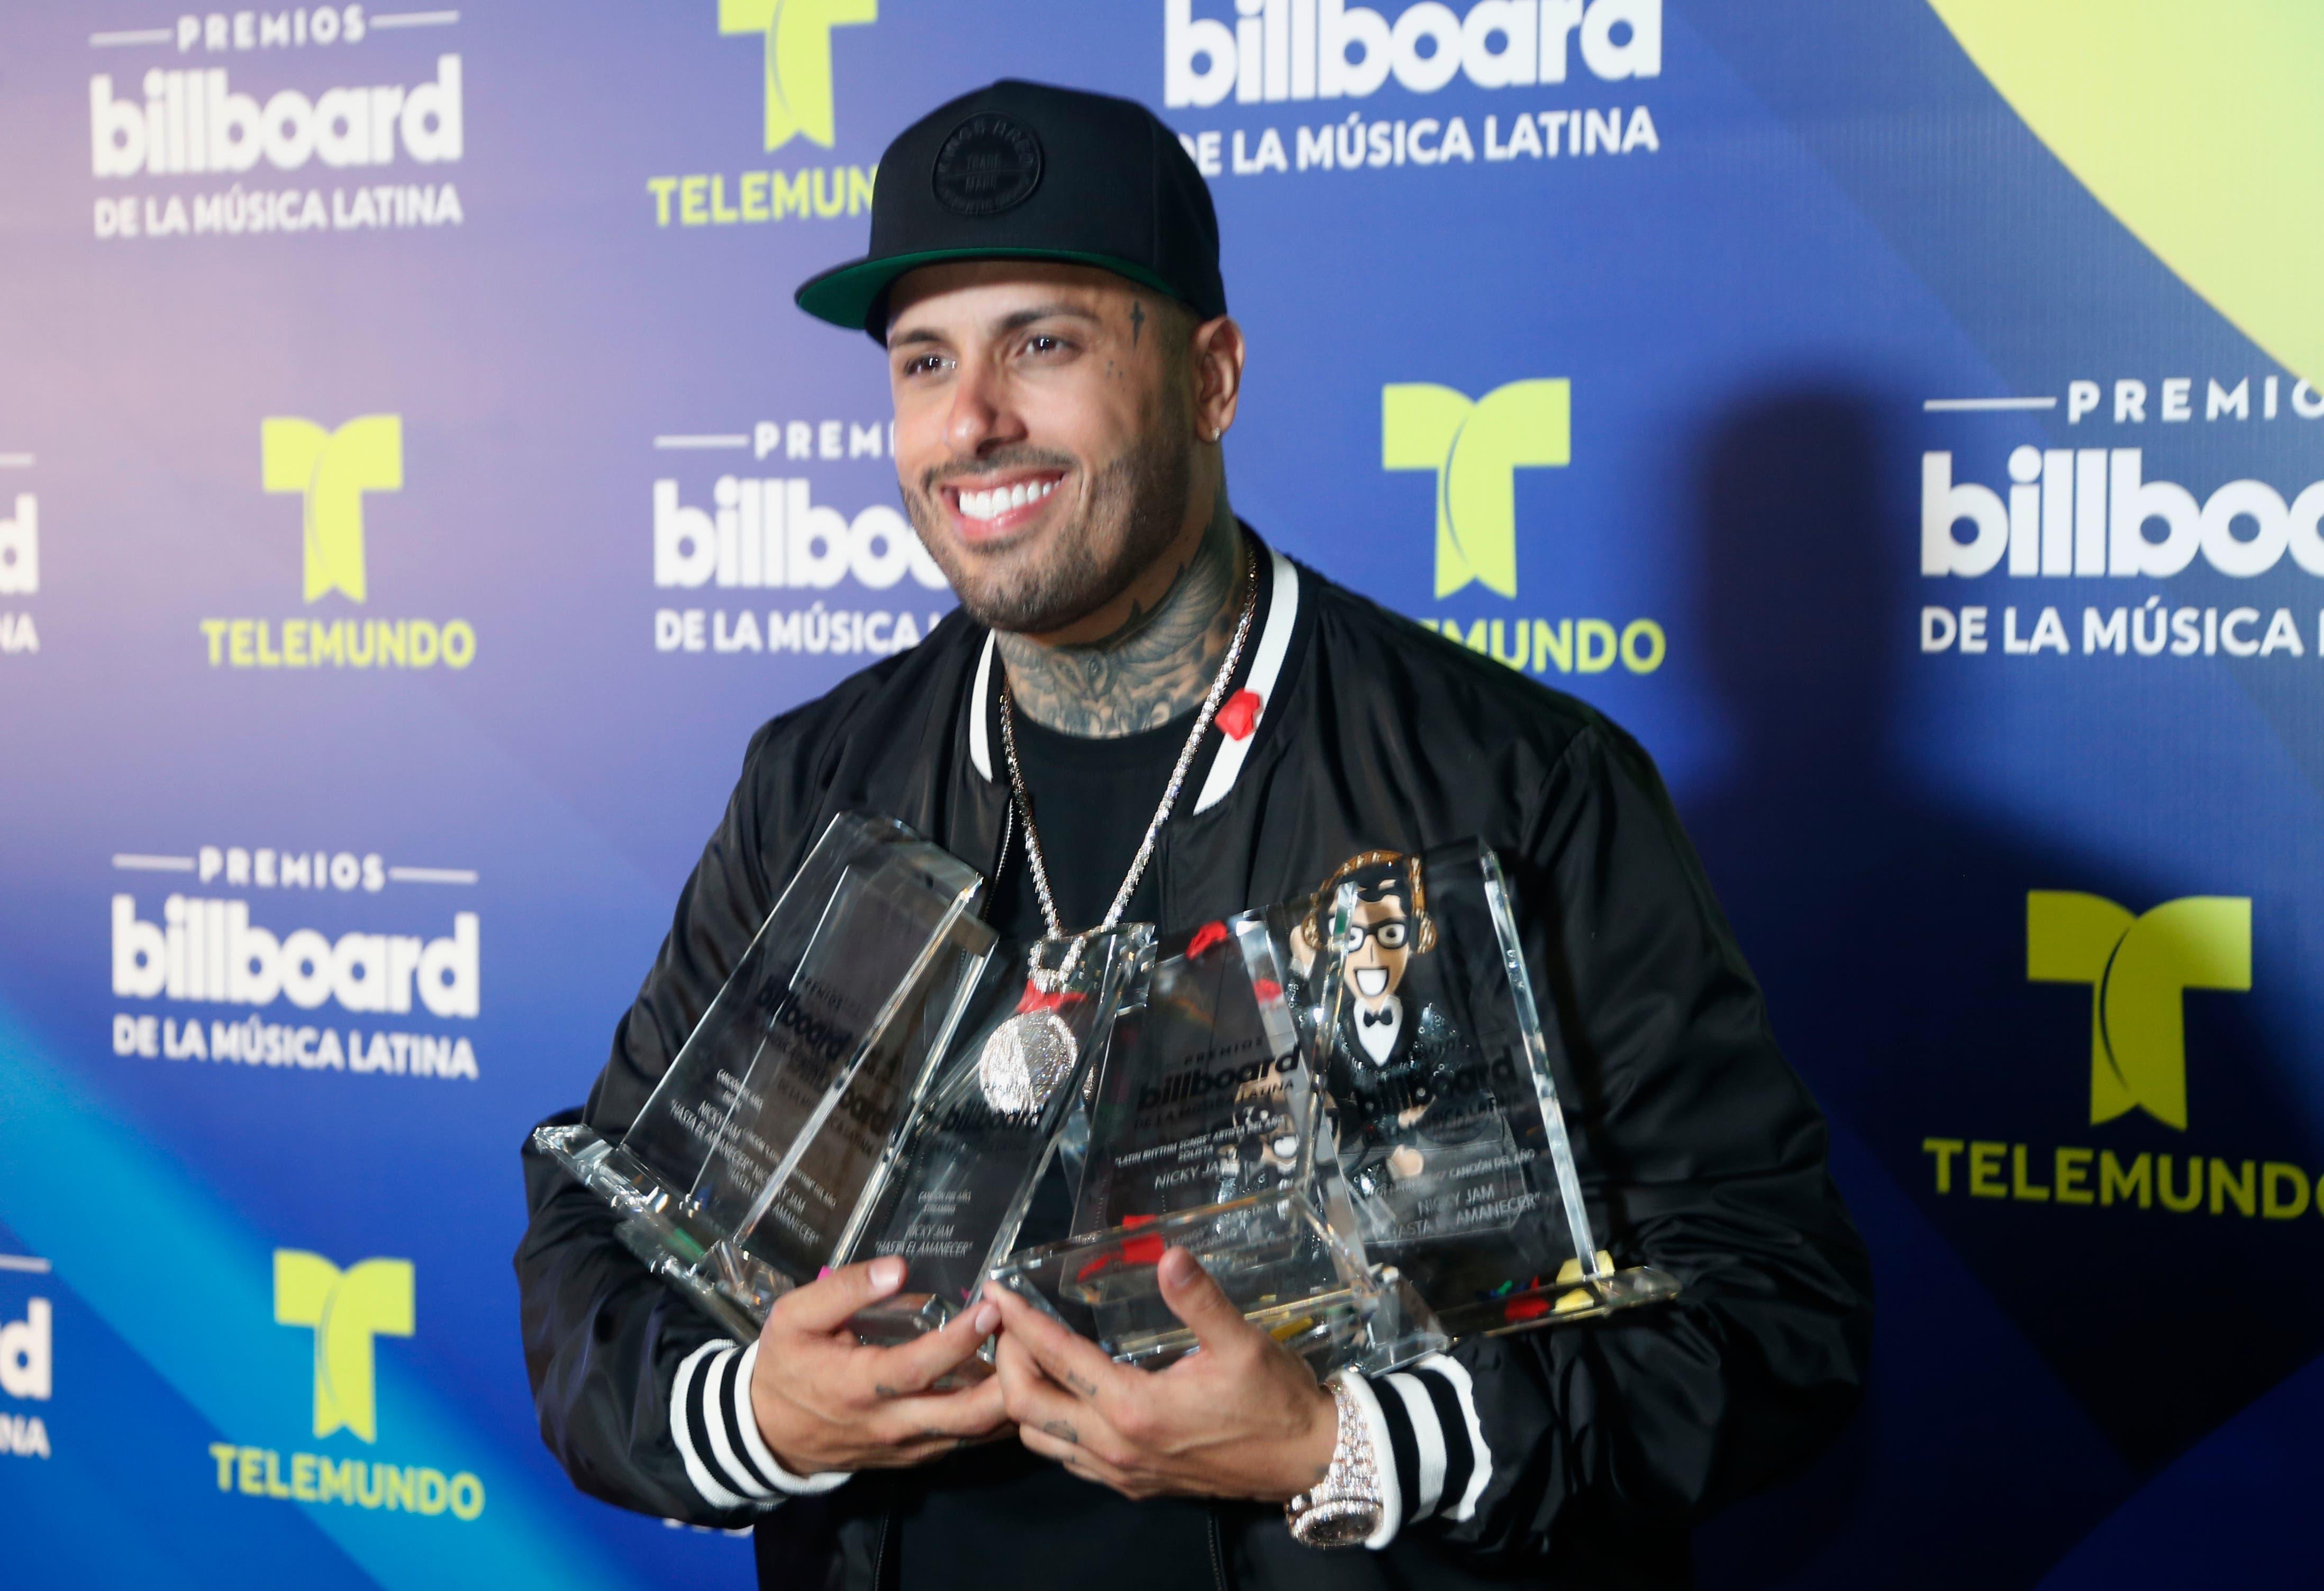 Aquí la lista completa de los ganadores de Premios Billboard de la Música Latina